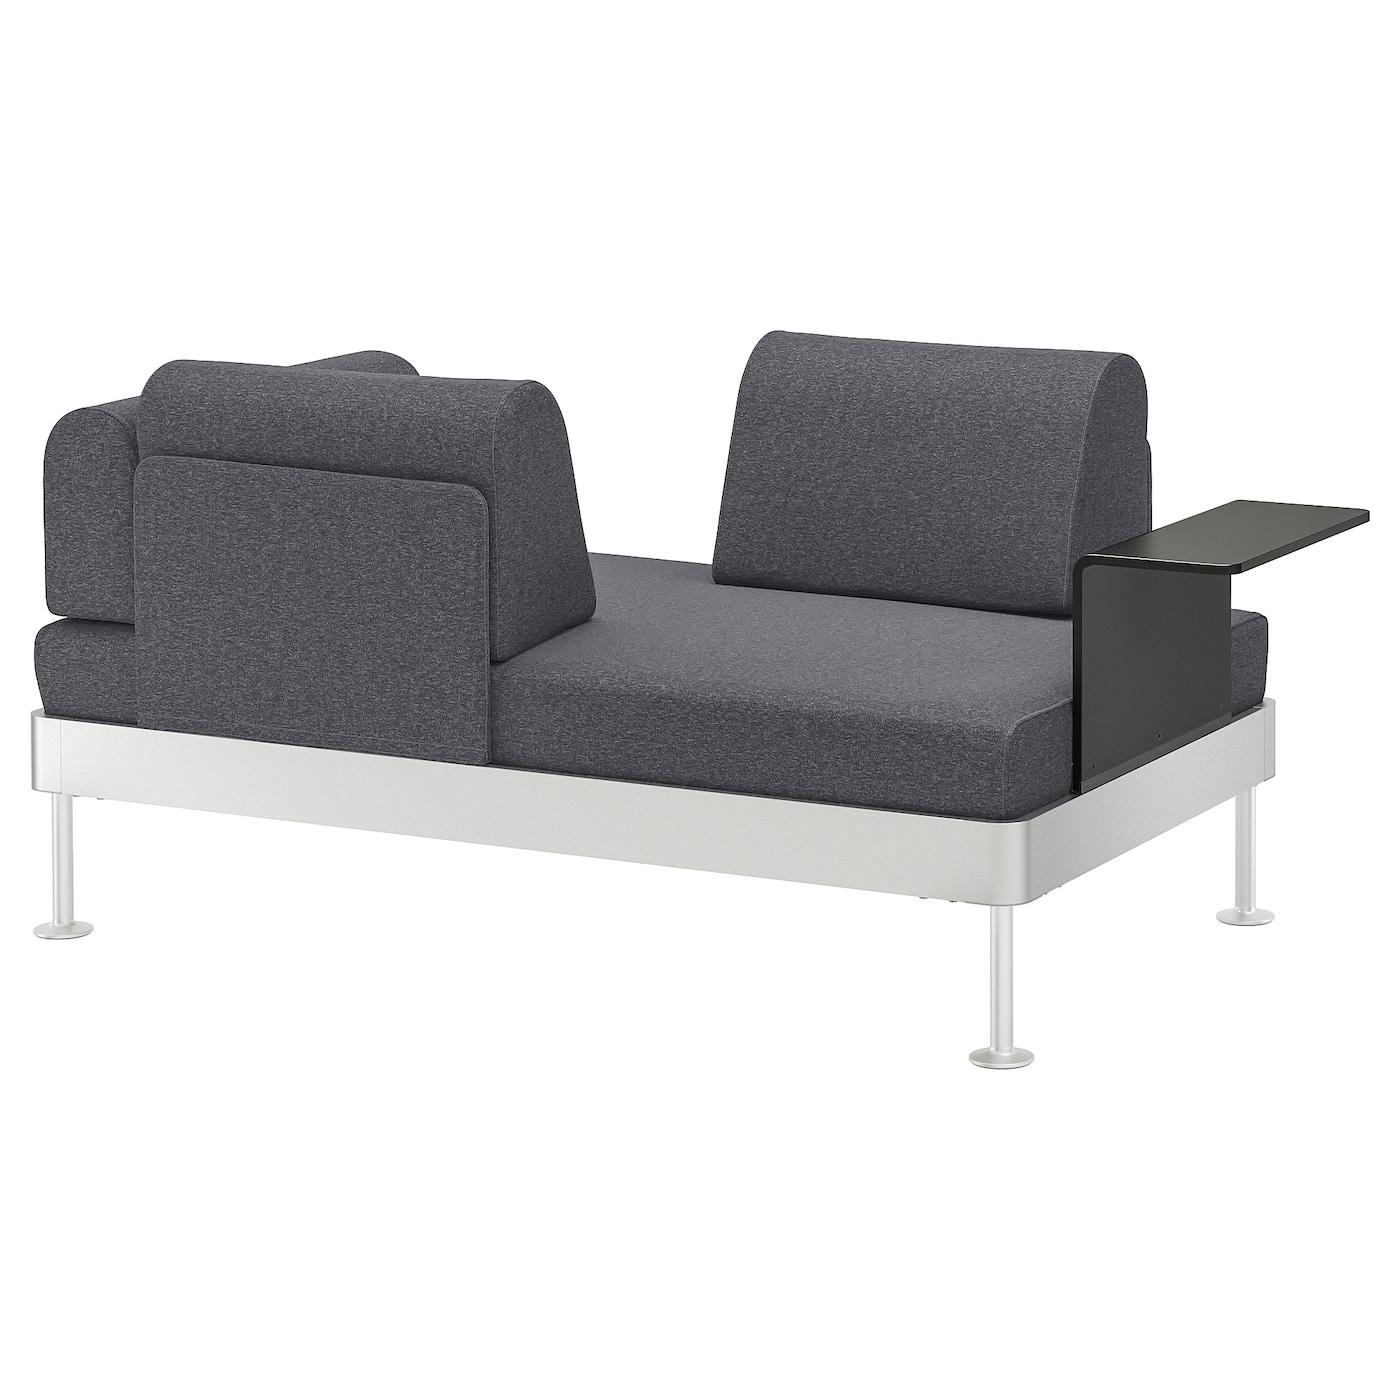 IKEA DELAKTIG Sofa 2-osobowa ze stolikiem, Gunnared średnioszary